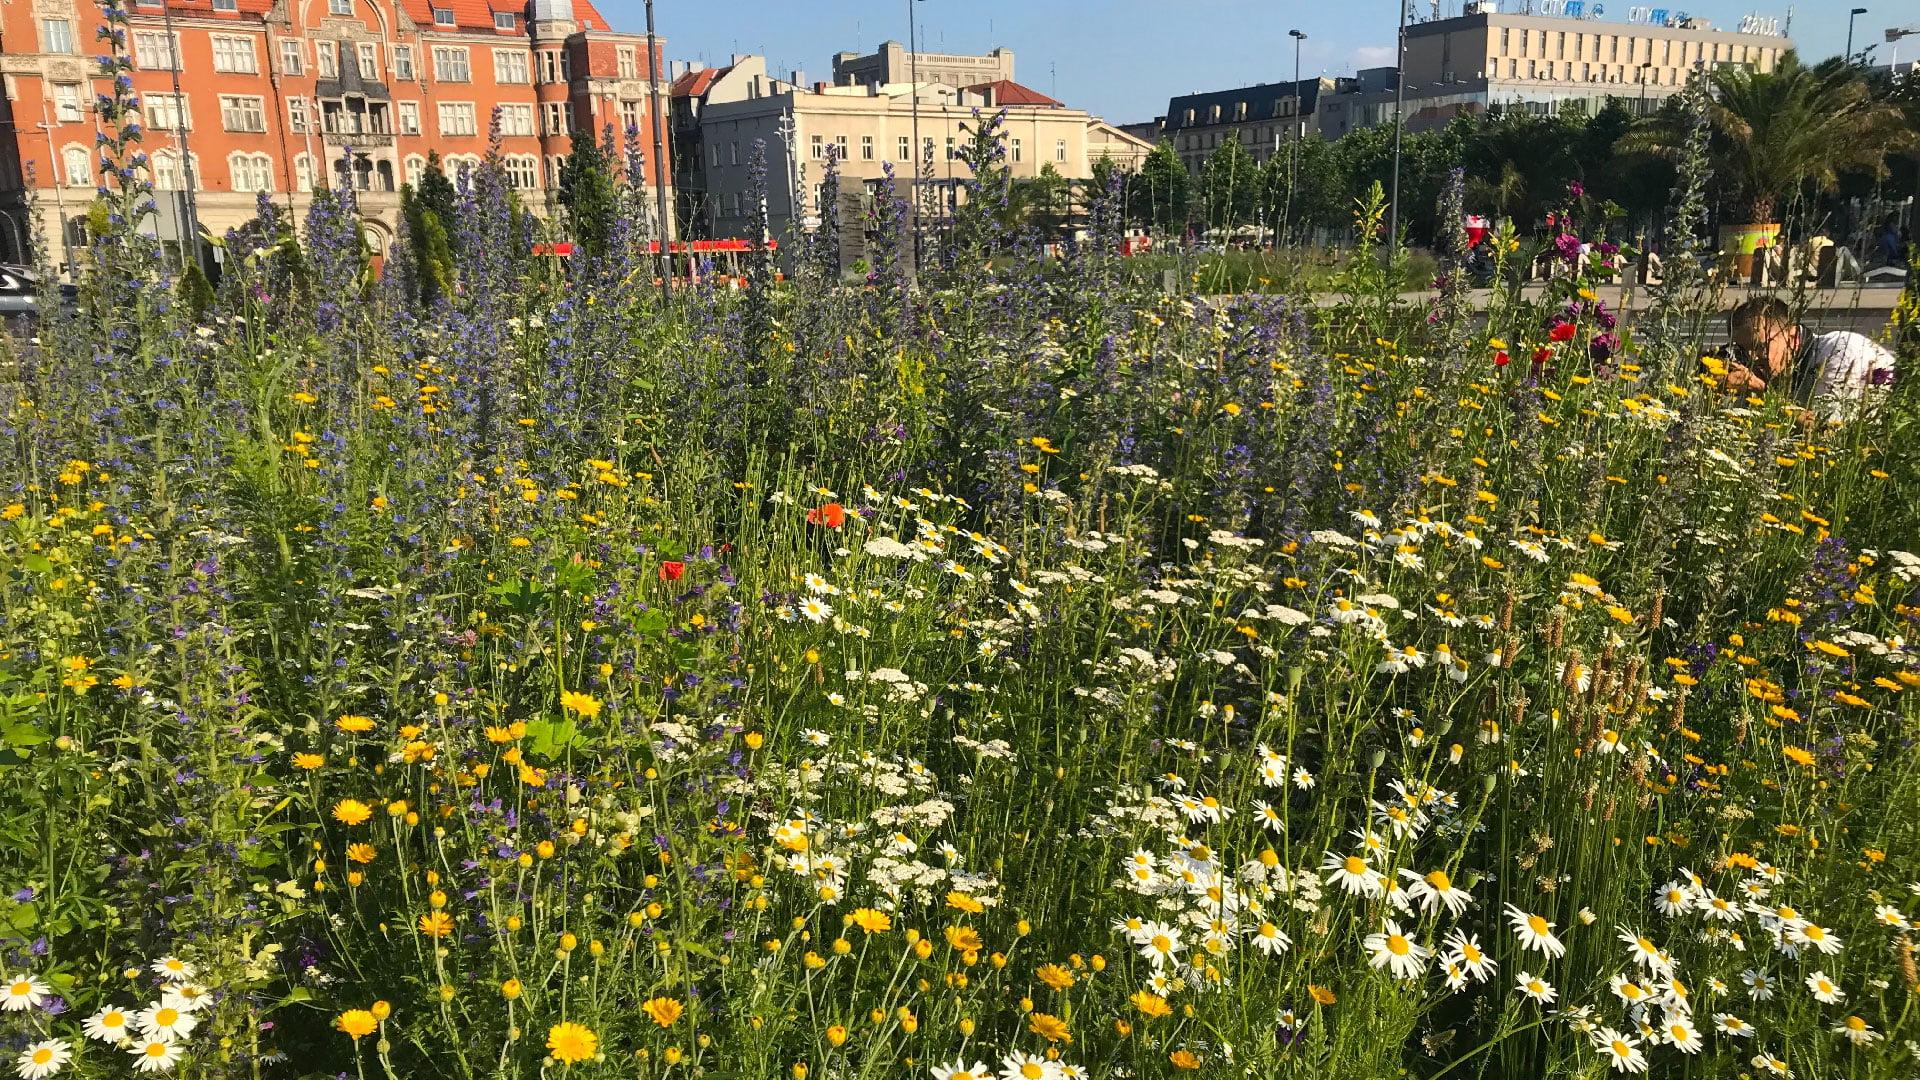 zdjęcie przedstawia łąkę kwietną w centrum miasta